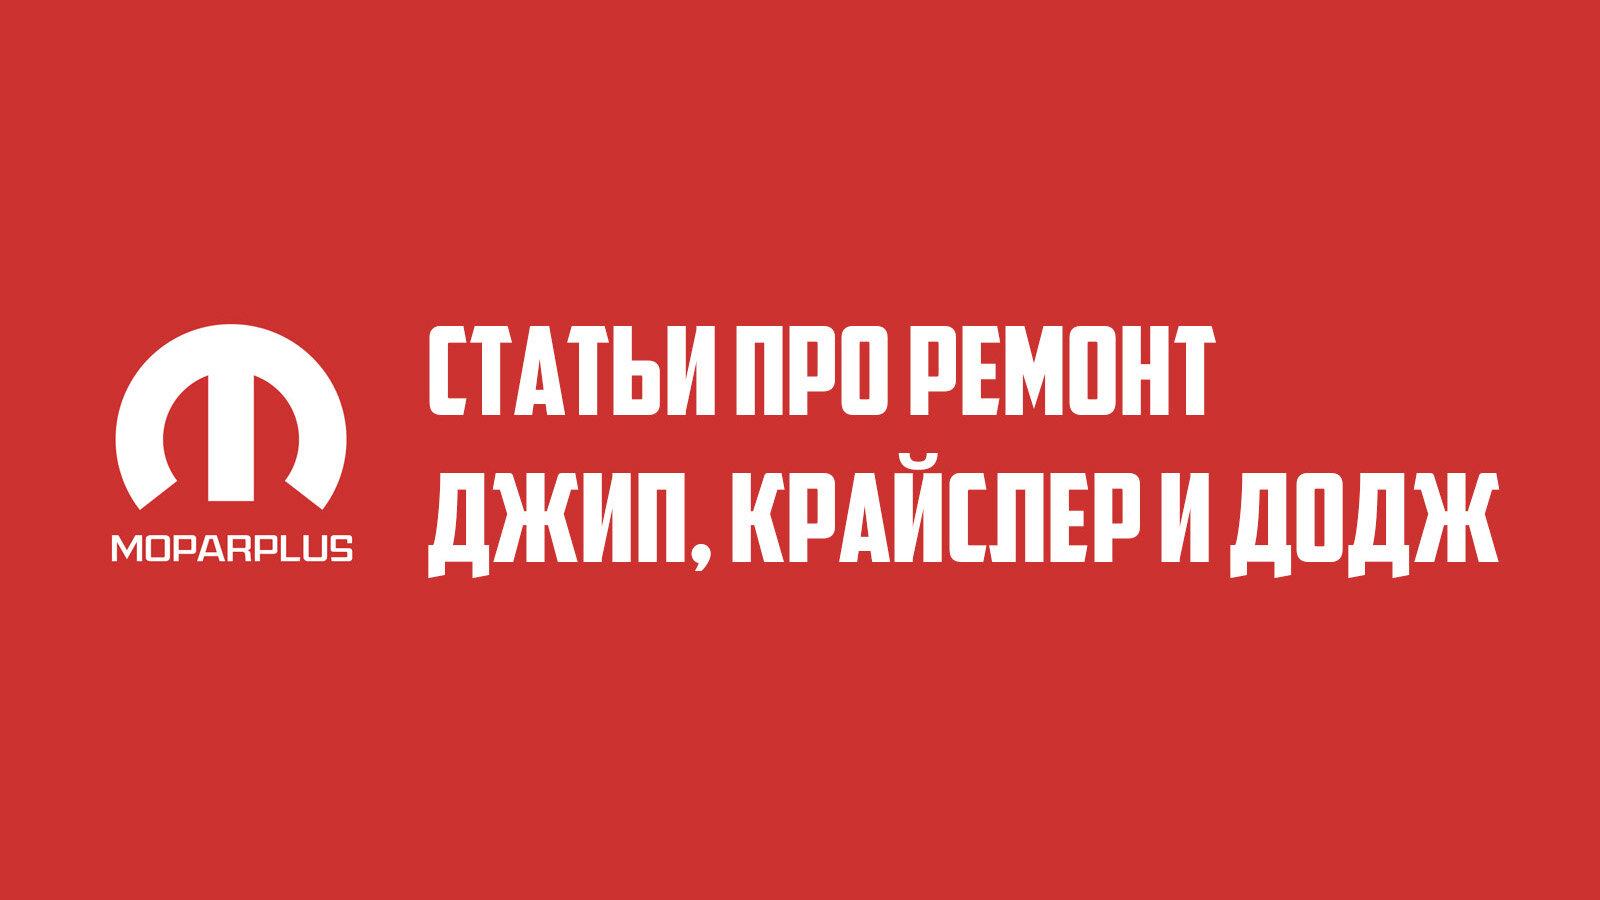 Статьи про ремонт. Выпуск №73.